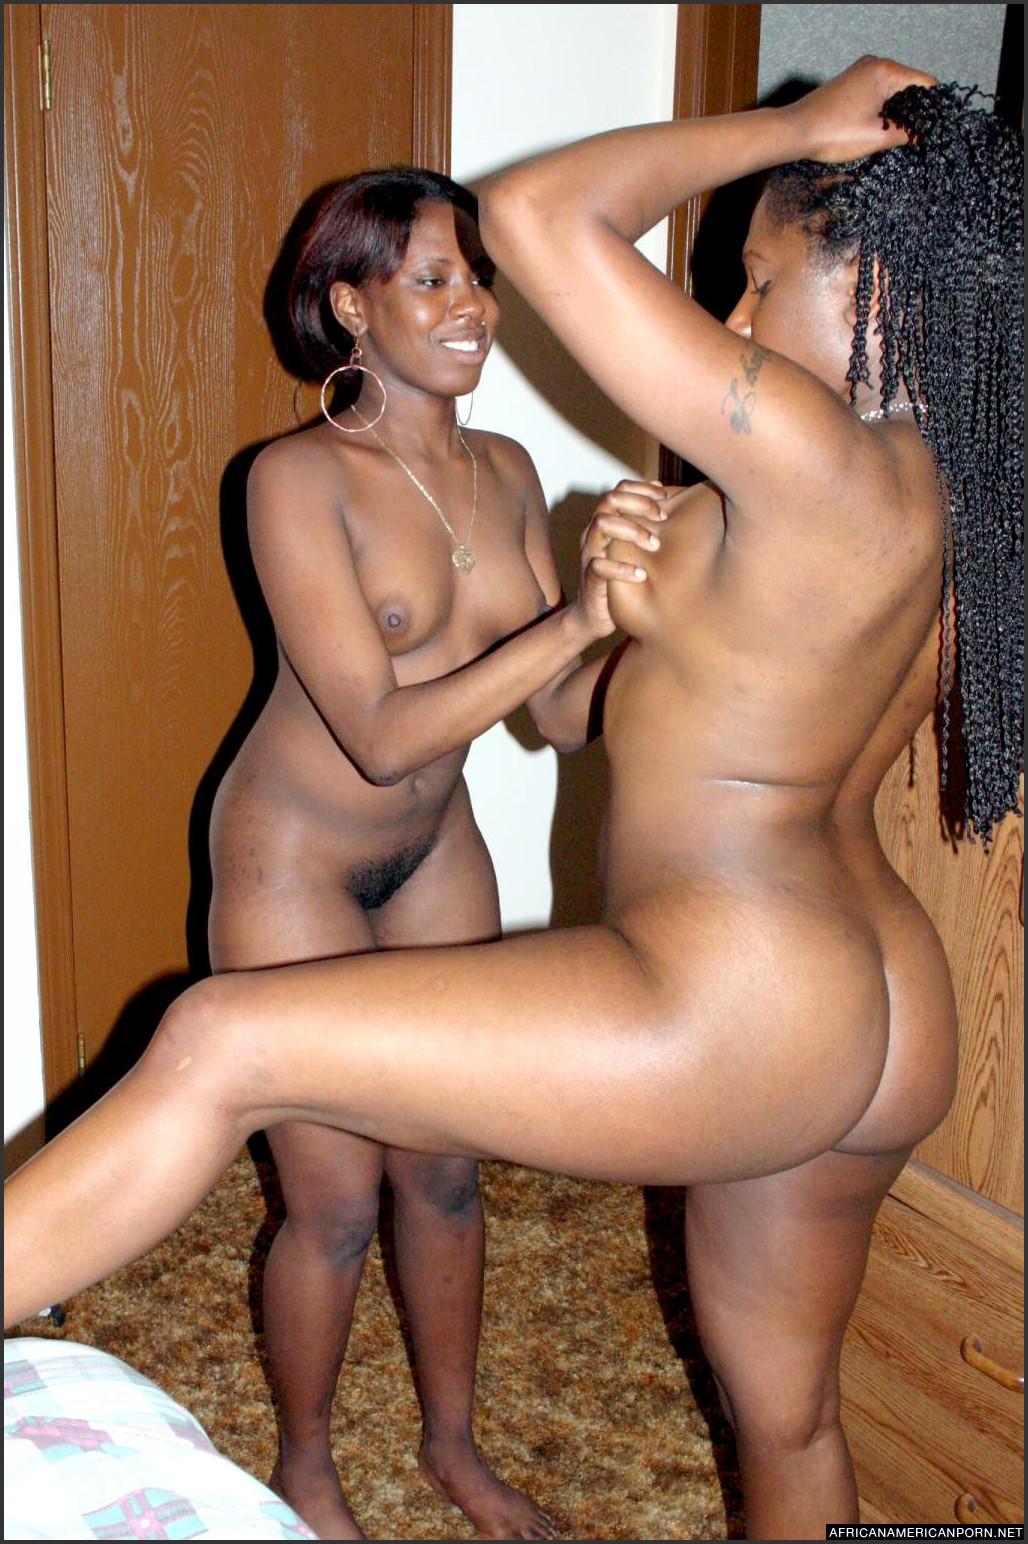 ebony private nude pics